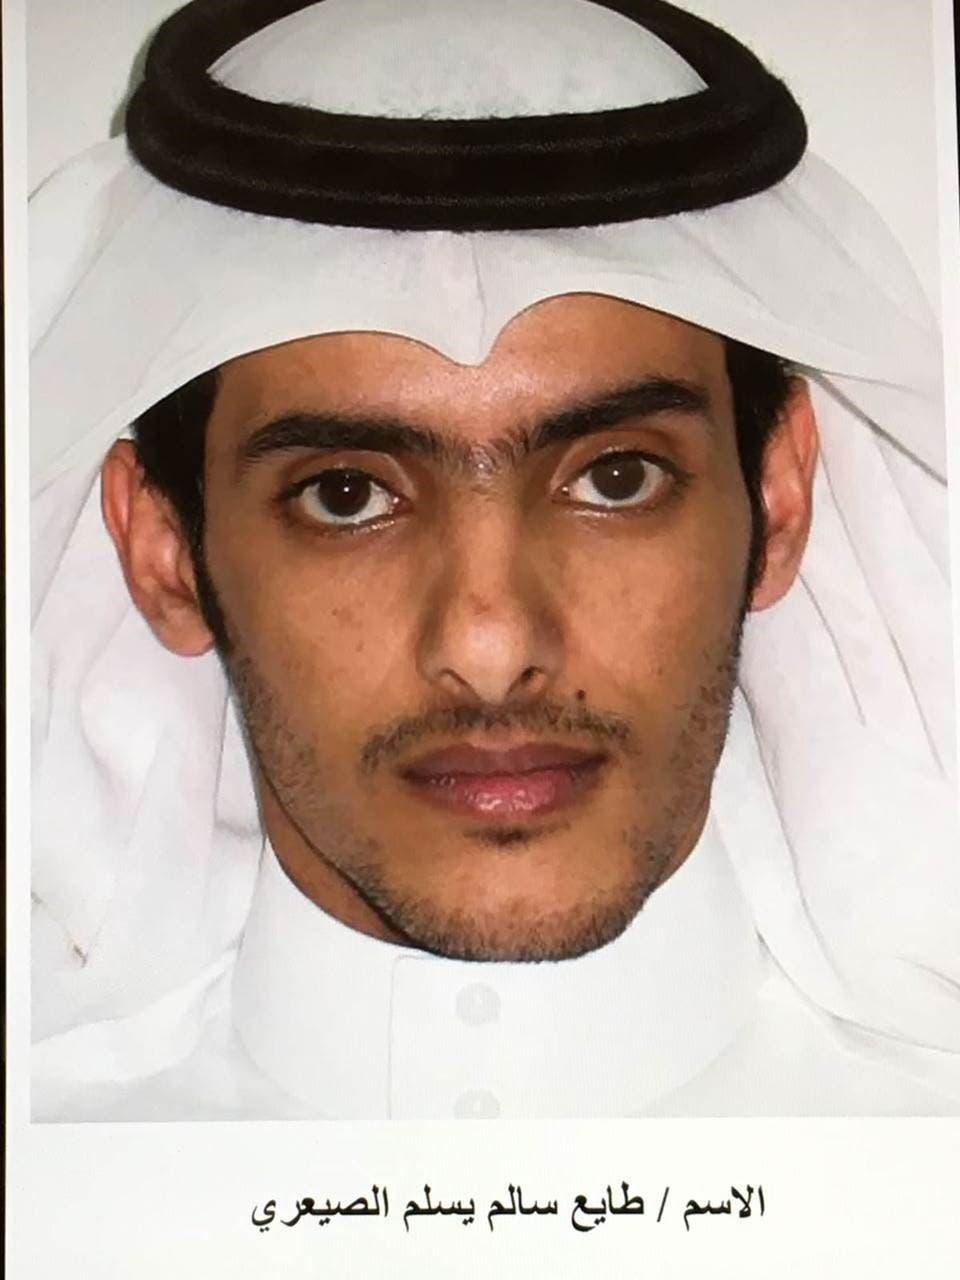 تعرف على تفاصيل مقتل ارهابيين في الرياض 8d071b88-59a1-46e3-b5d6-eca62ed172b2